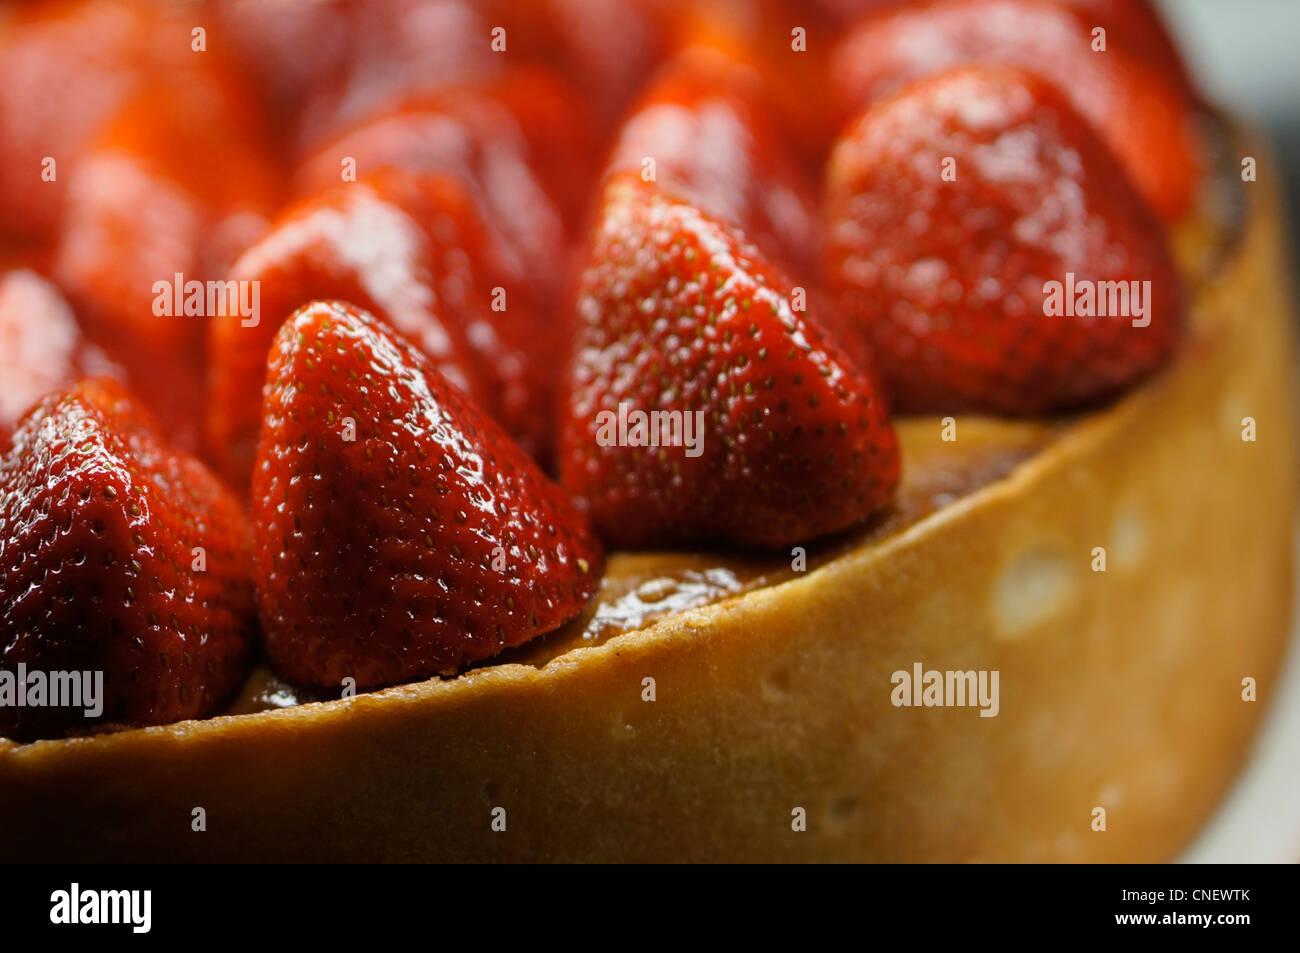 Kuchen Mit Erdbeeren Stockfotos Kuchen Mit Erdbeeren Bilder Alamy